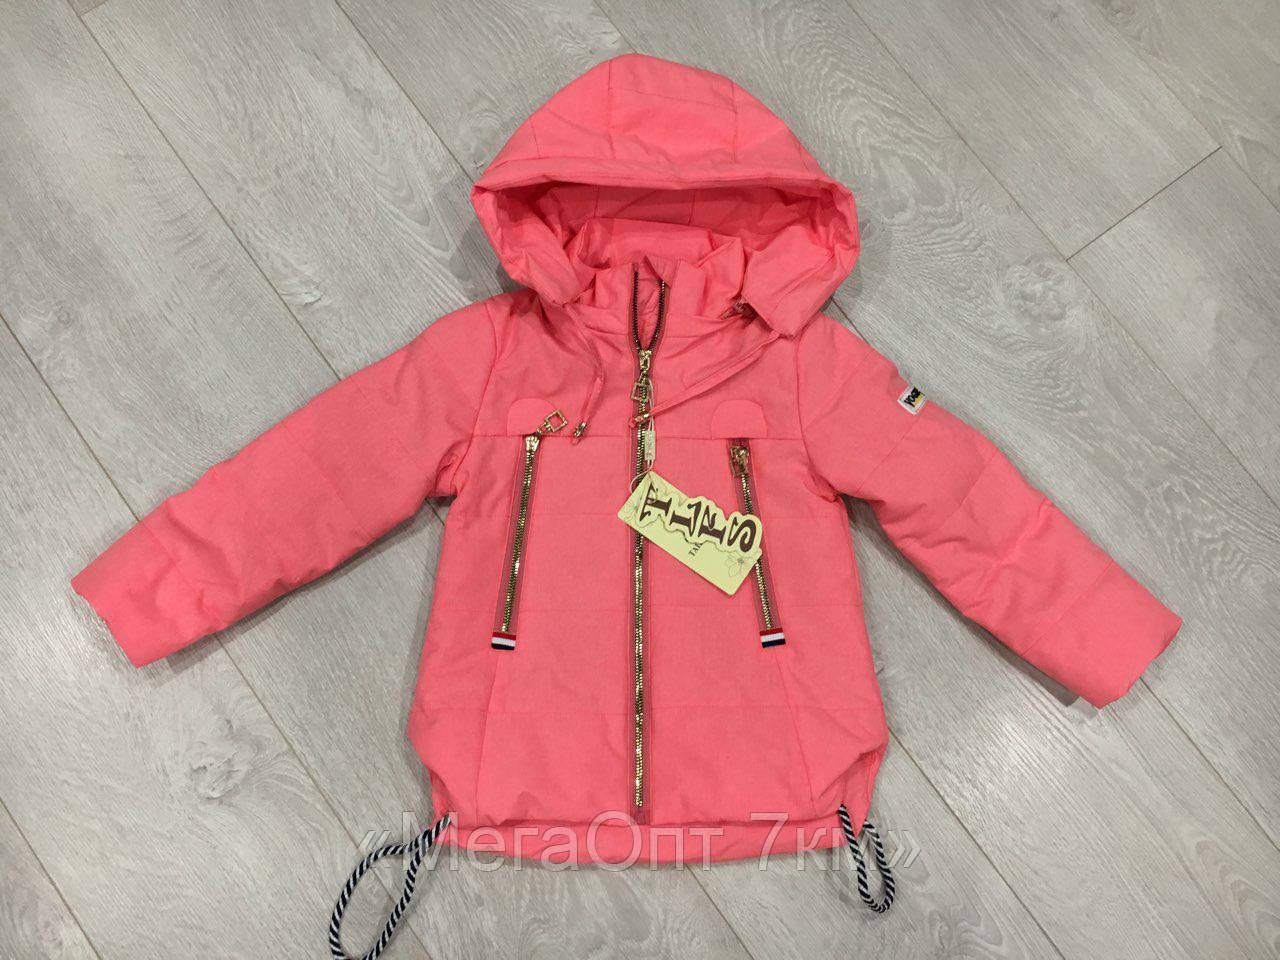 f0733524b41 Куртки детские демисезонные (74-98 рост) — купить оптом в Одессе 7км ...